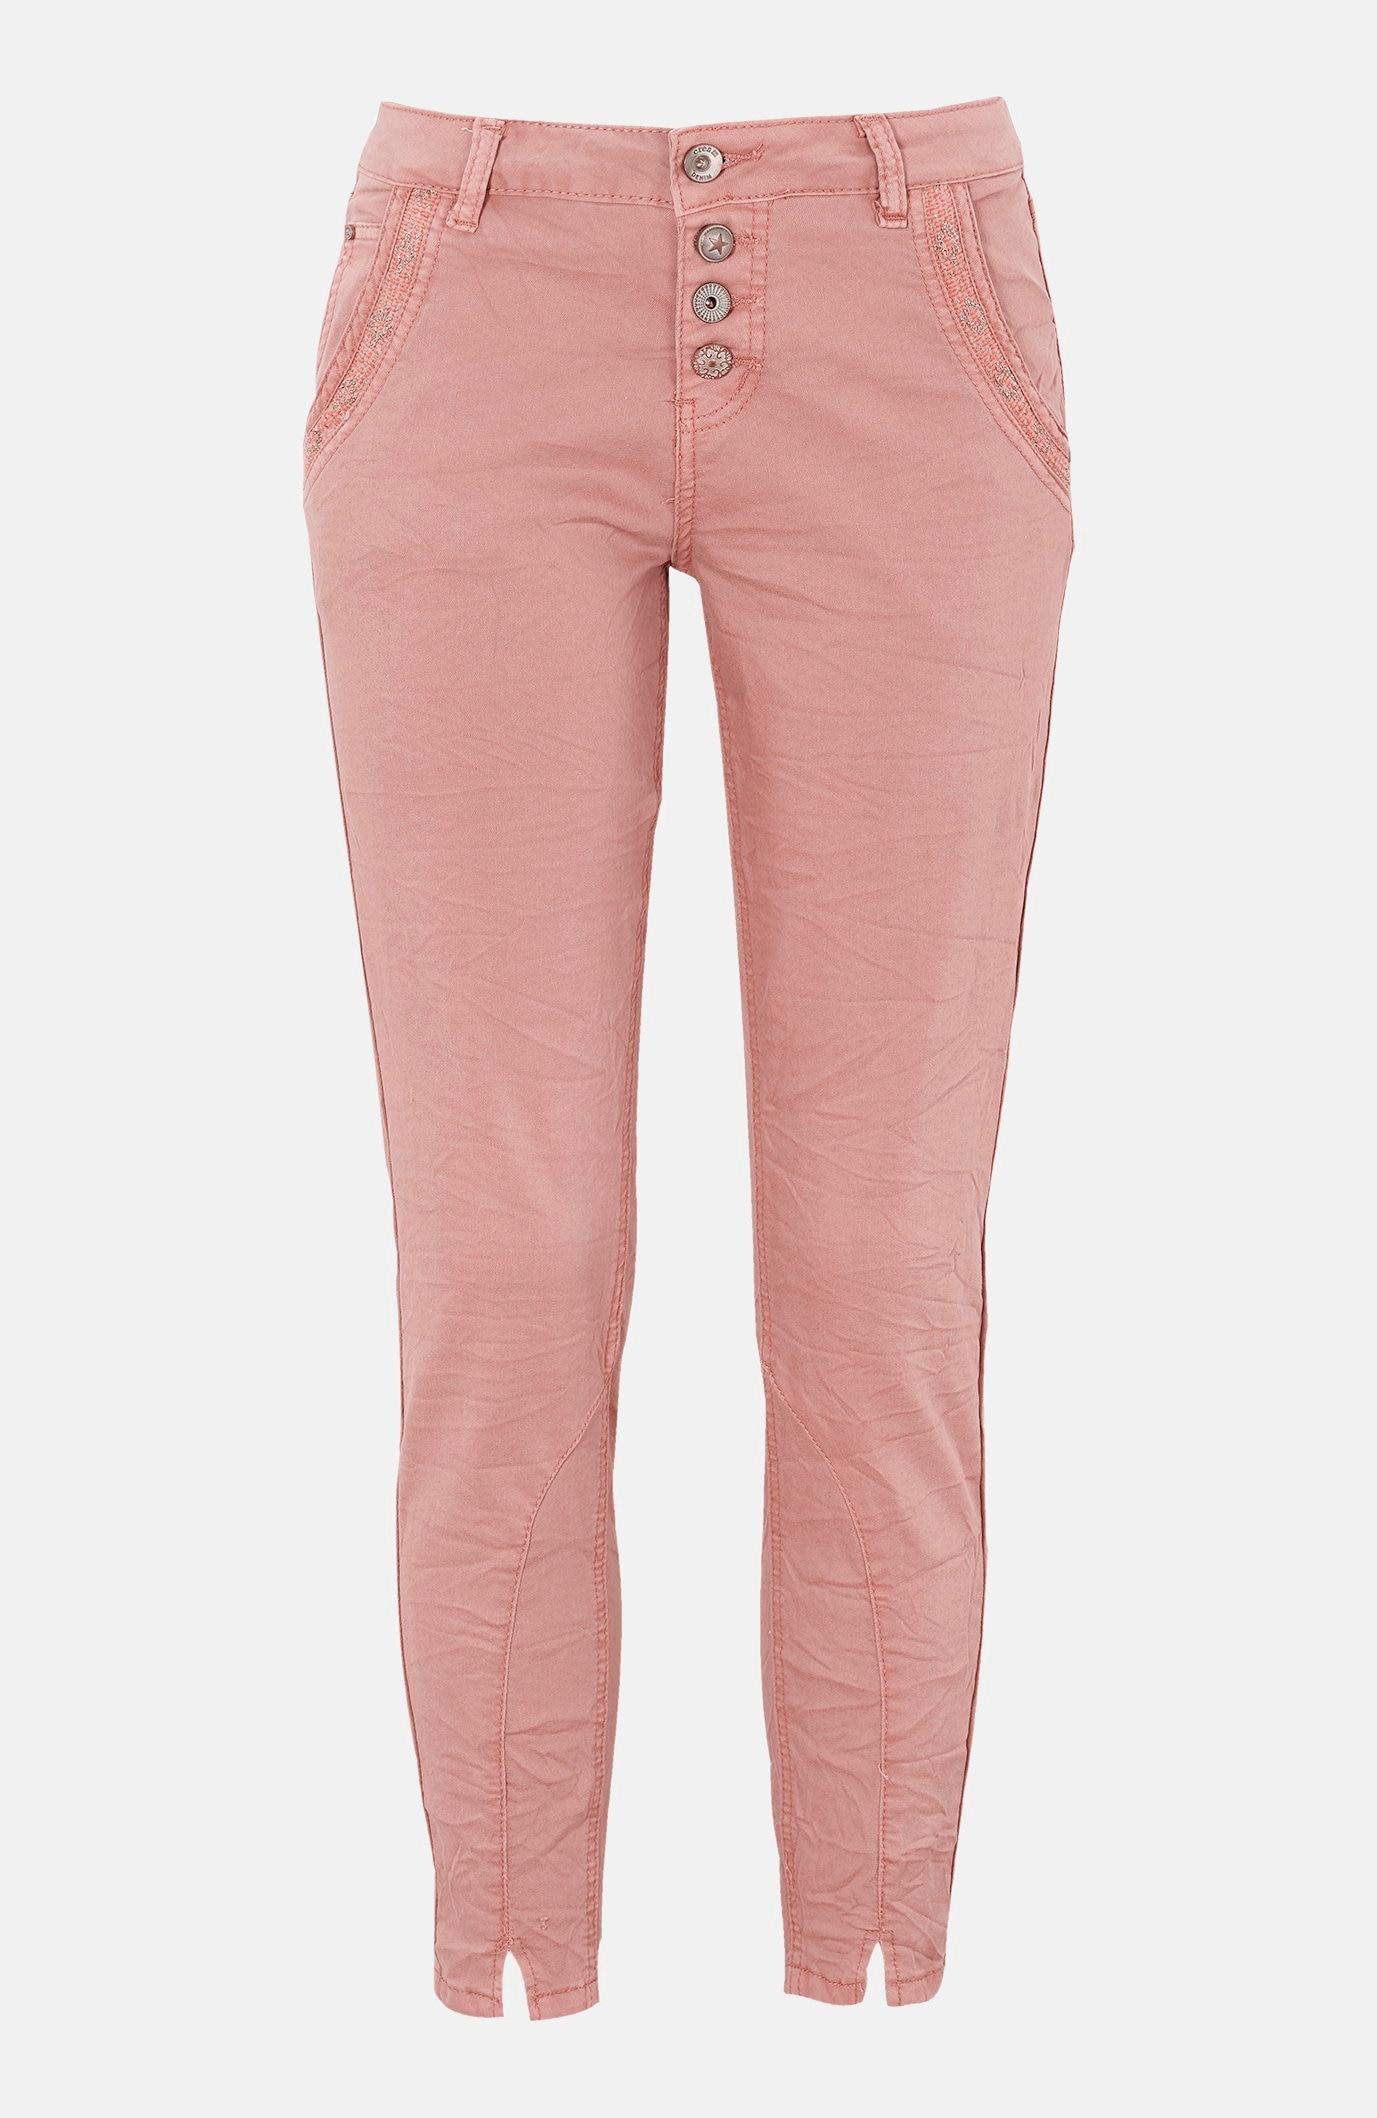 Spodnie Calina